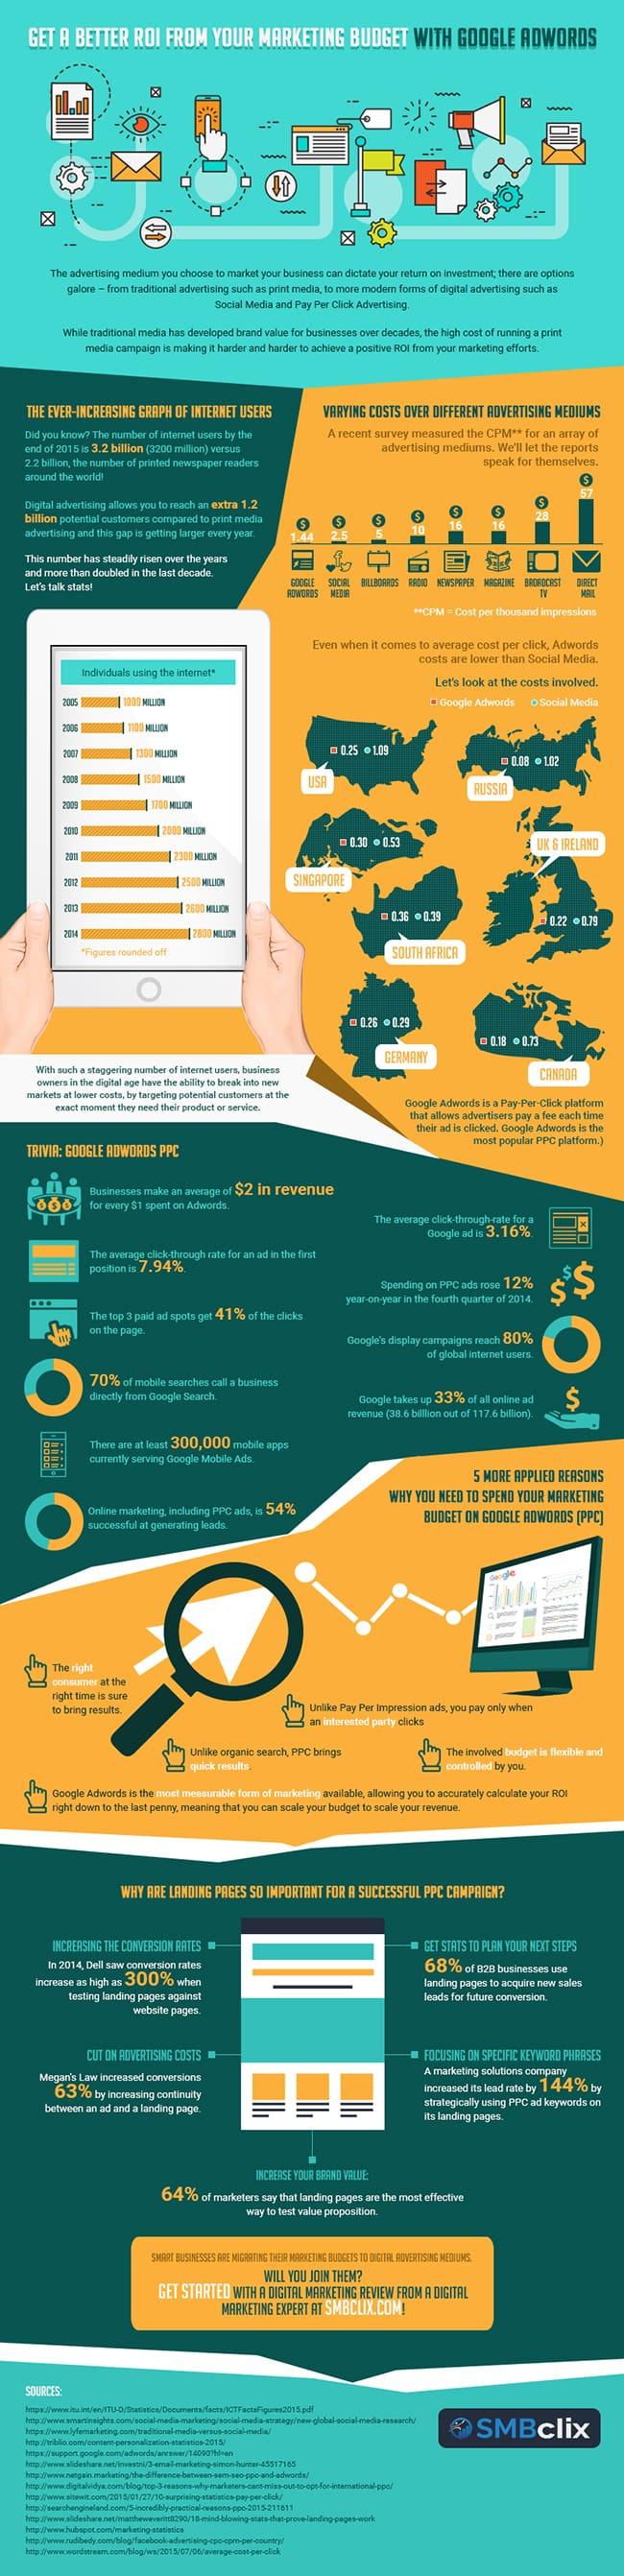 Adwords infographic